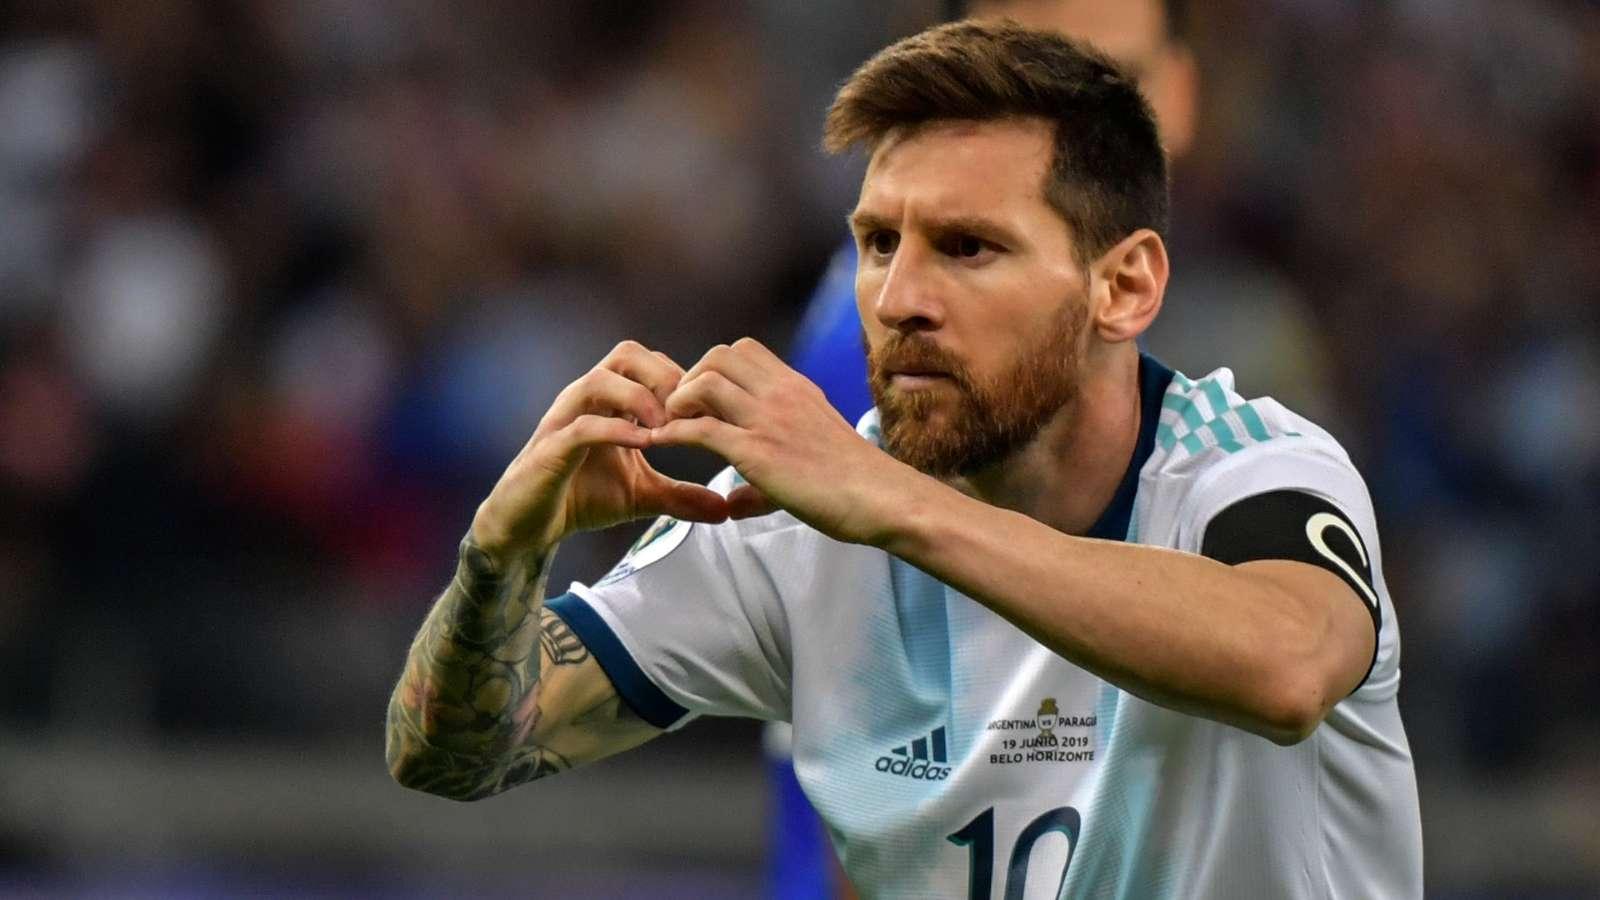 El curioso festejo de Messi tras el empate ante Paraguay, ¿con dedicatoria a Di María?